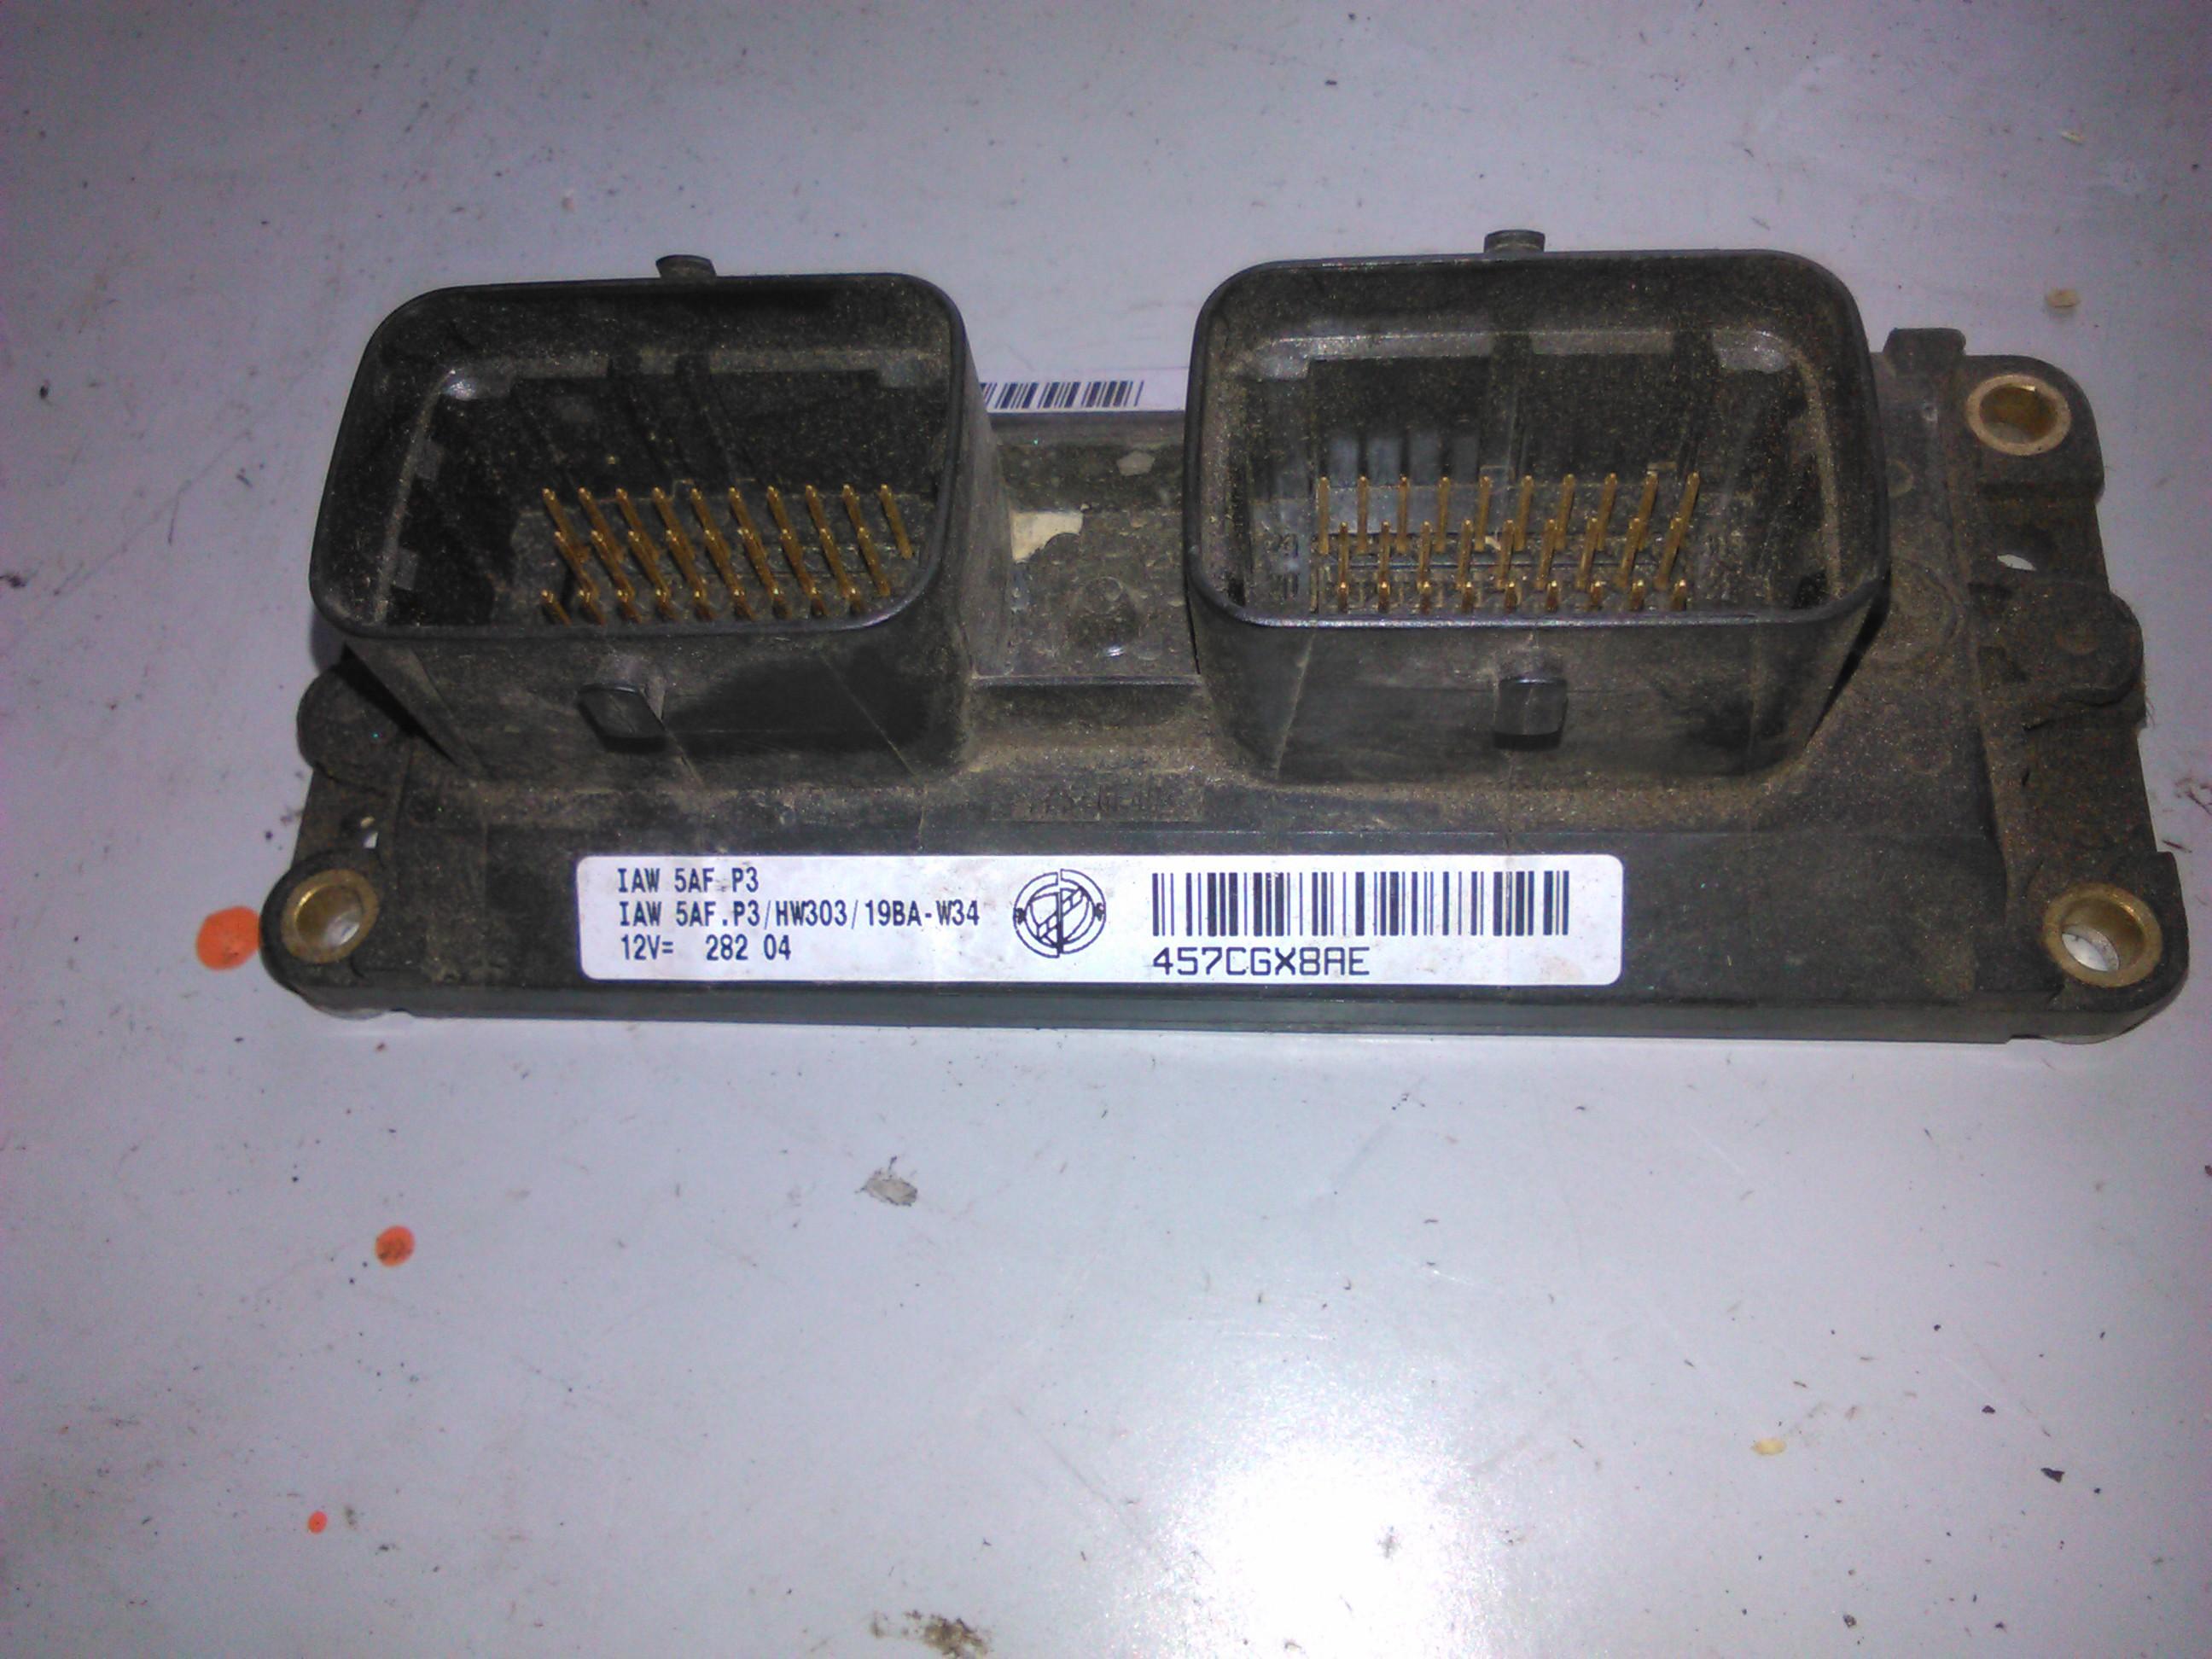 Ecu Fiat Punto 1.2 cod iaw 5afp3